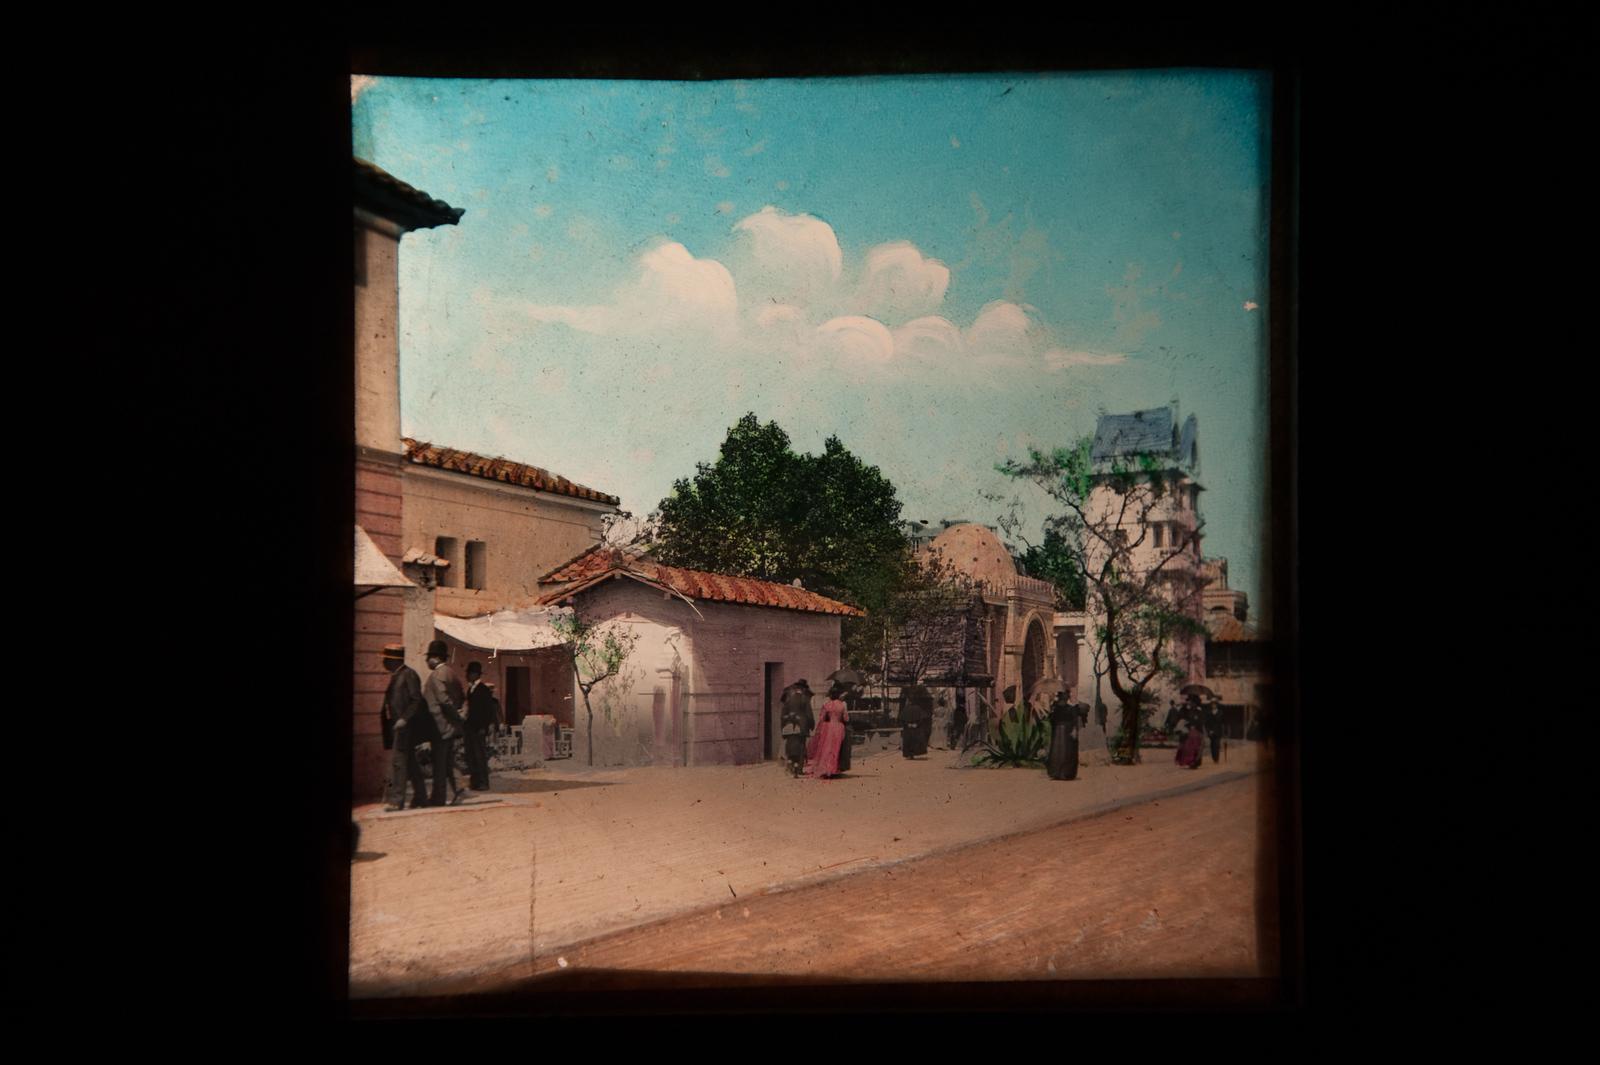 Paris Exhibition 1889